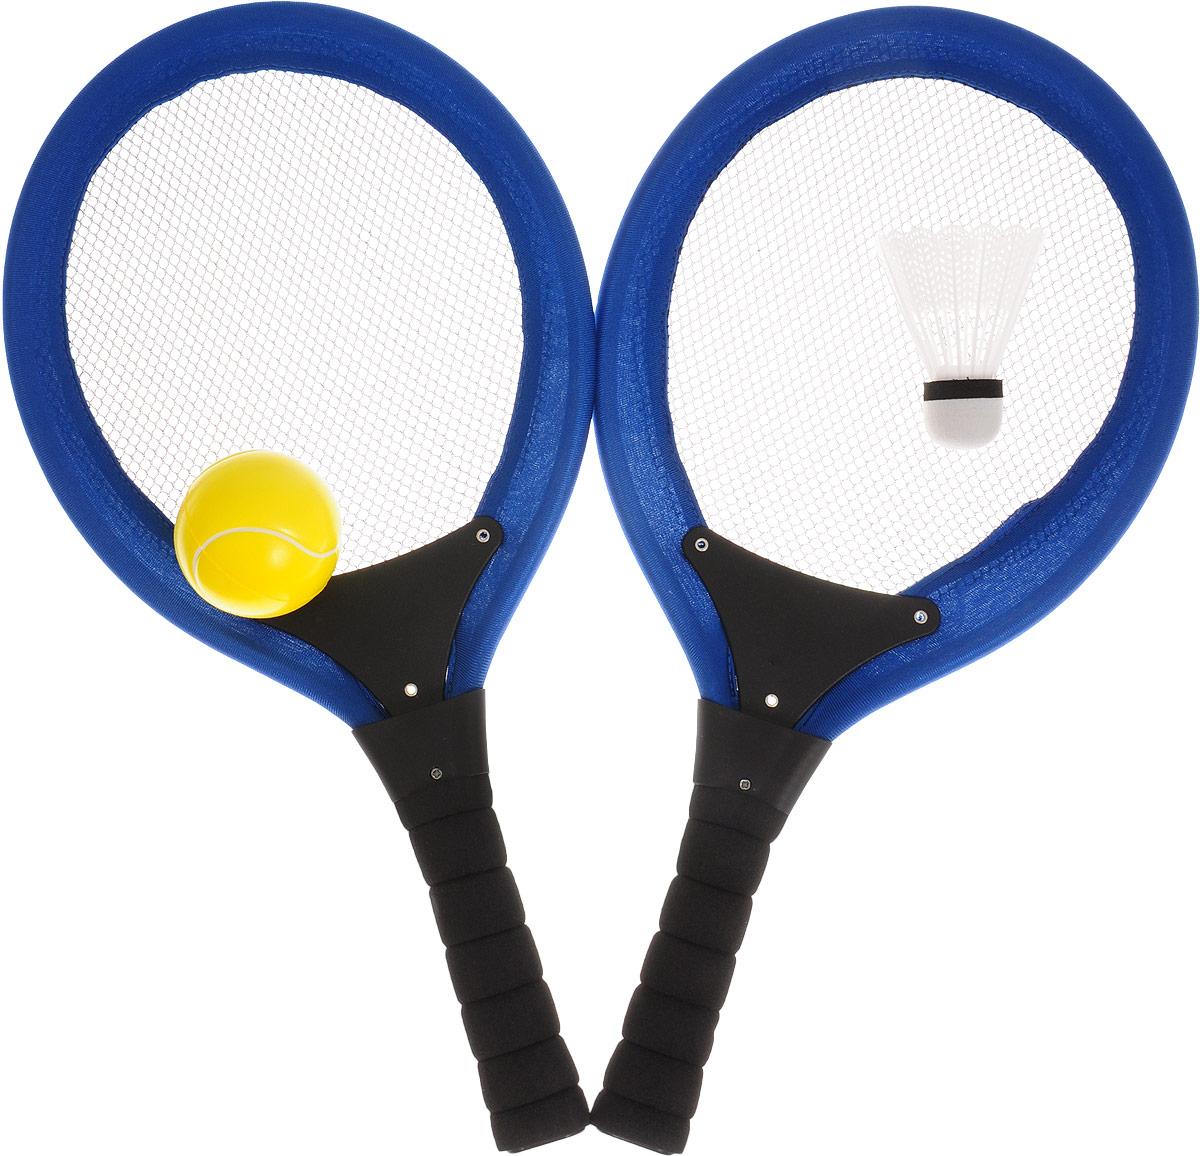 Abtoys Игровой набор 2 в 1 Бадминтон Теннис цвет синий